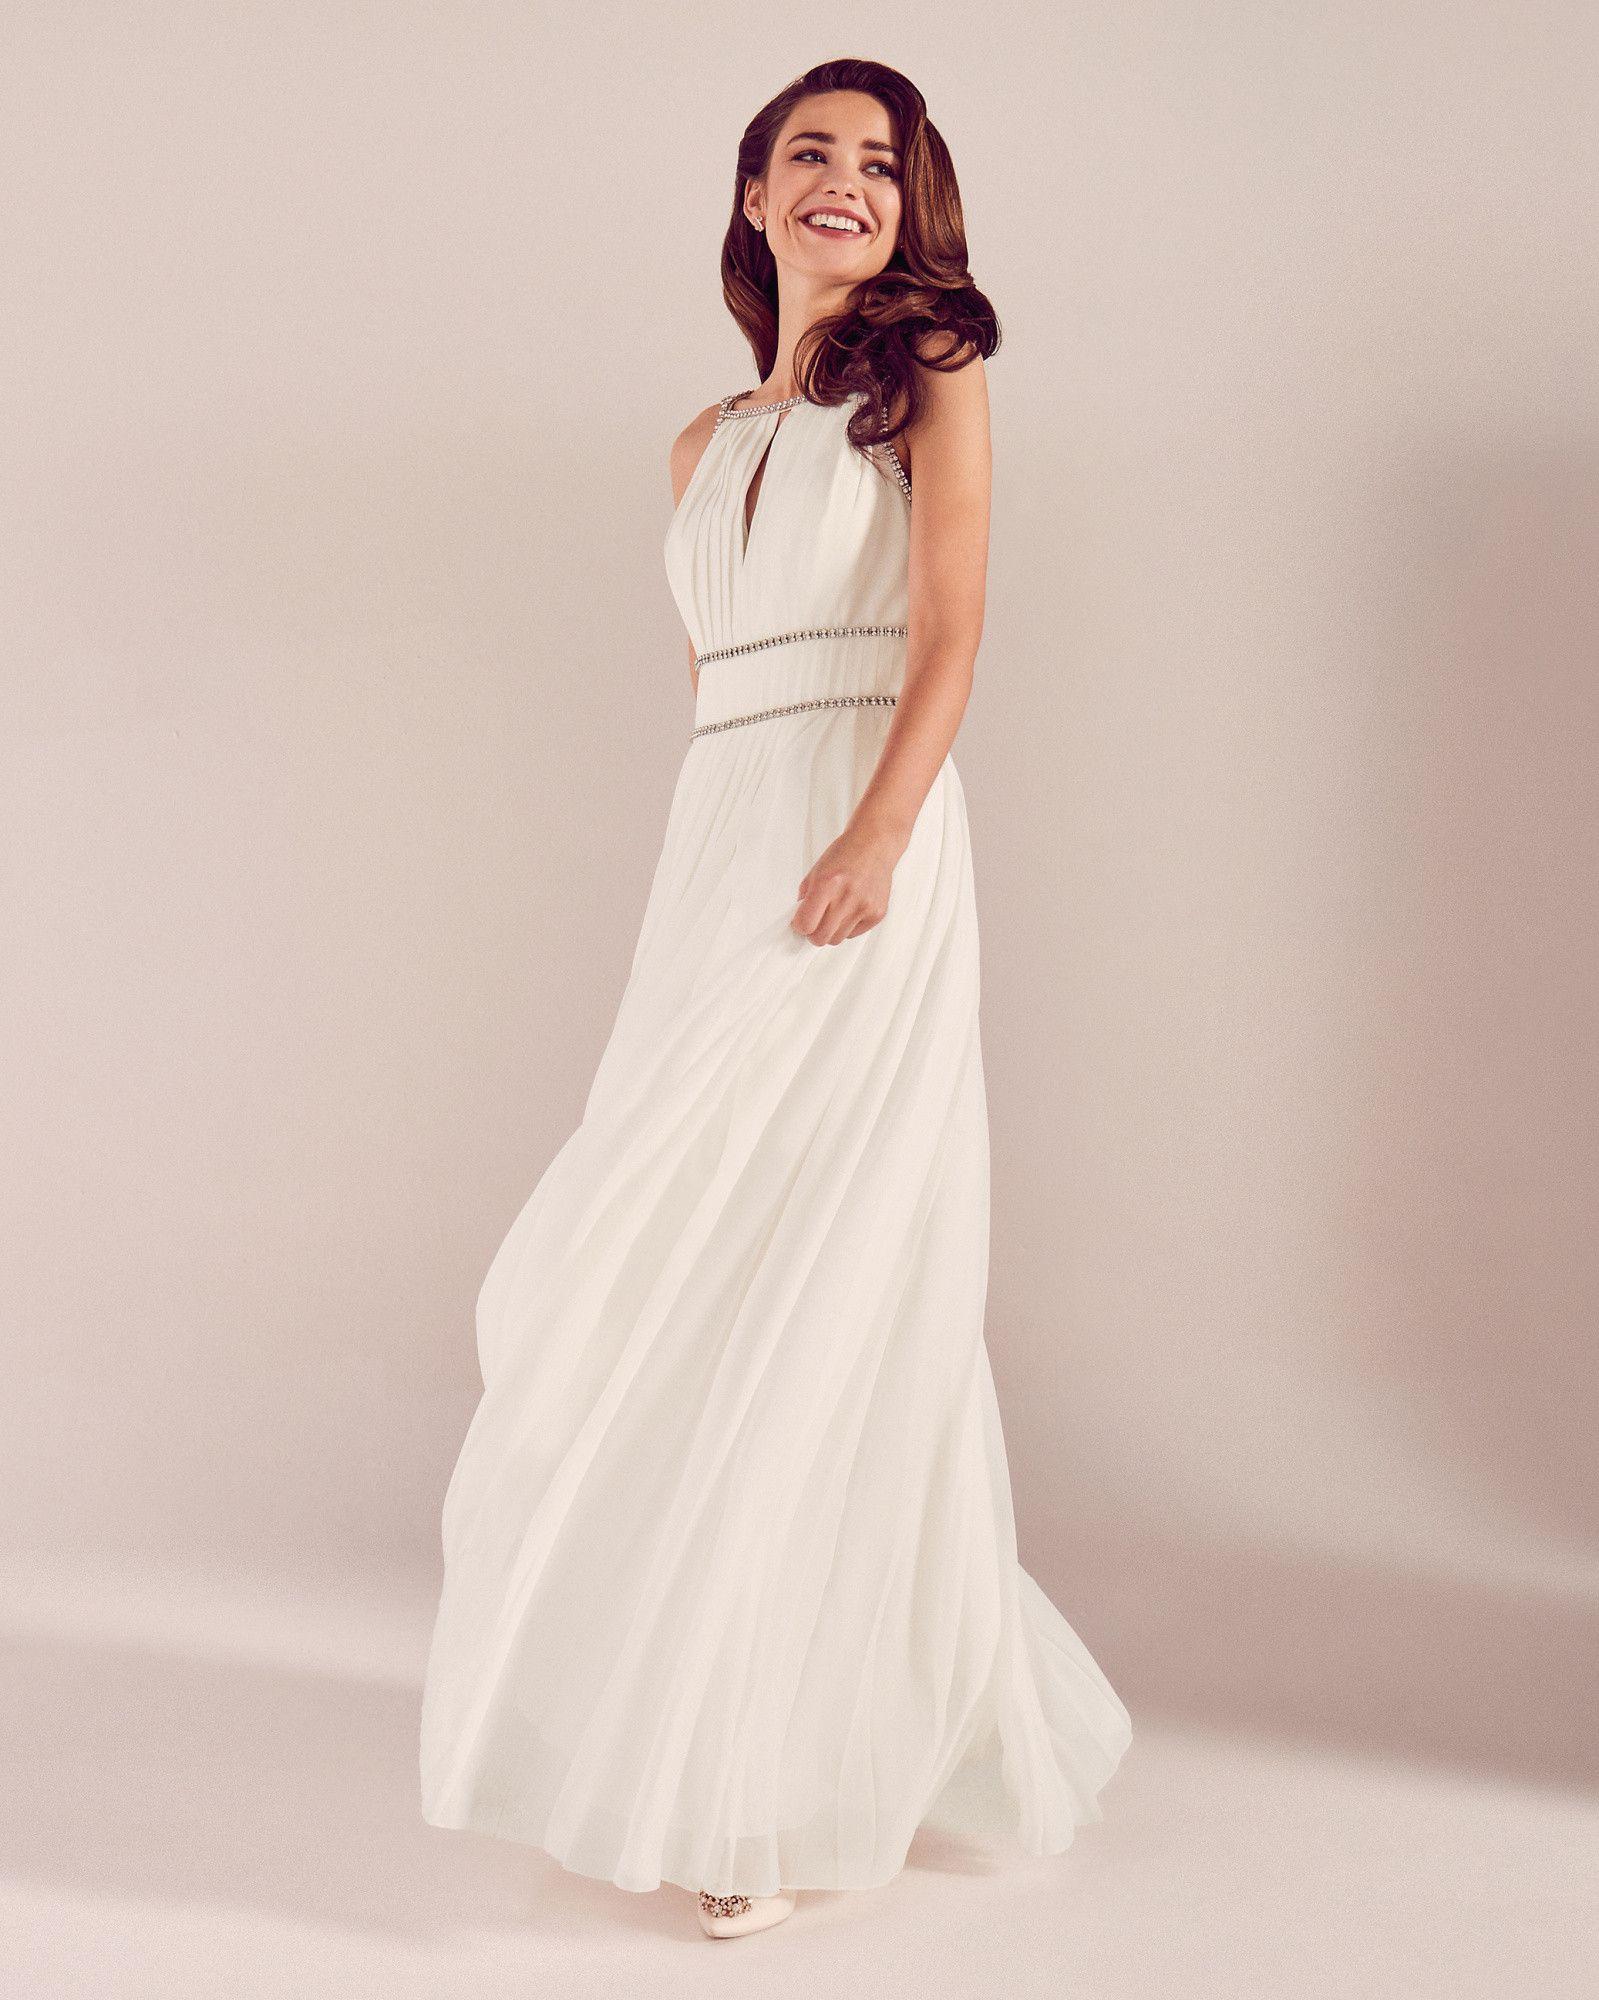 Plissiertes Brautkleid mit Zierborte - Weiß  FS19 Tie The Knot